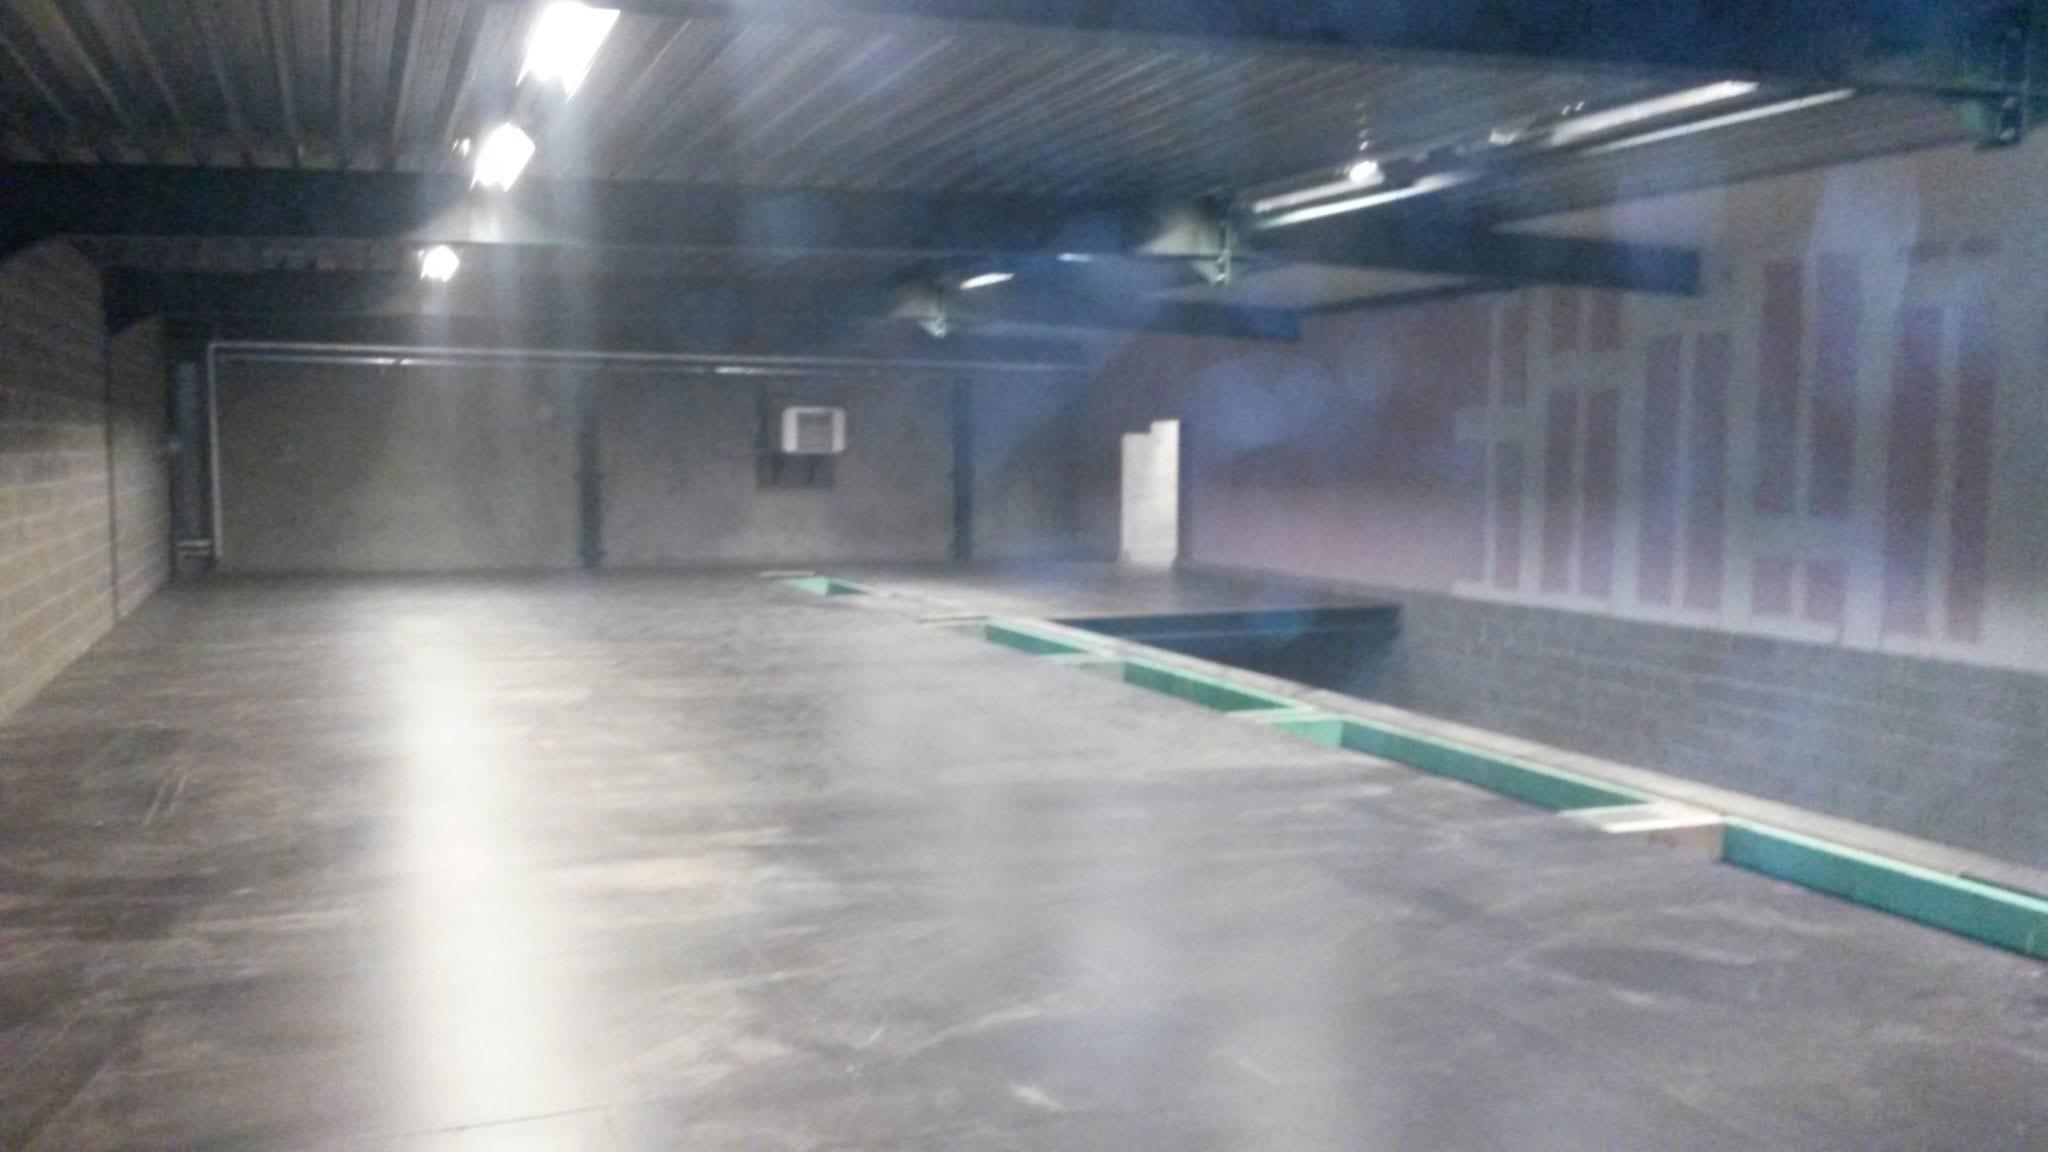 Le chantier d'une cleanroom en vidéo au laboratoire Tilman